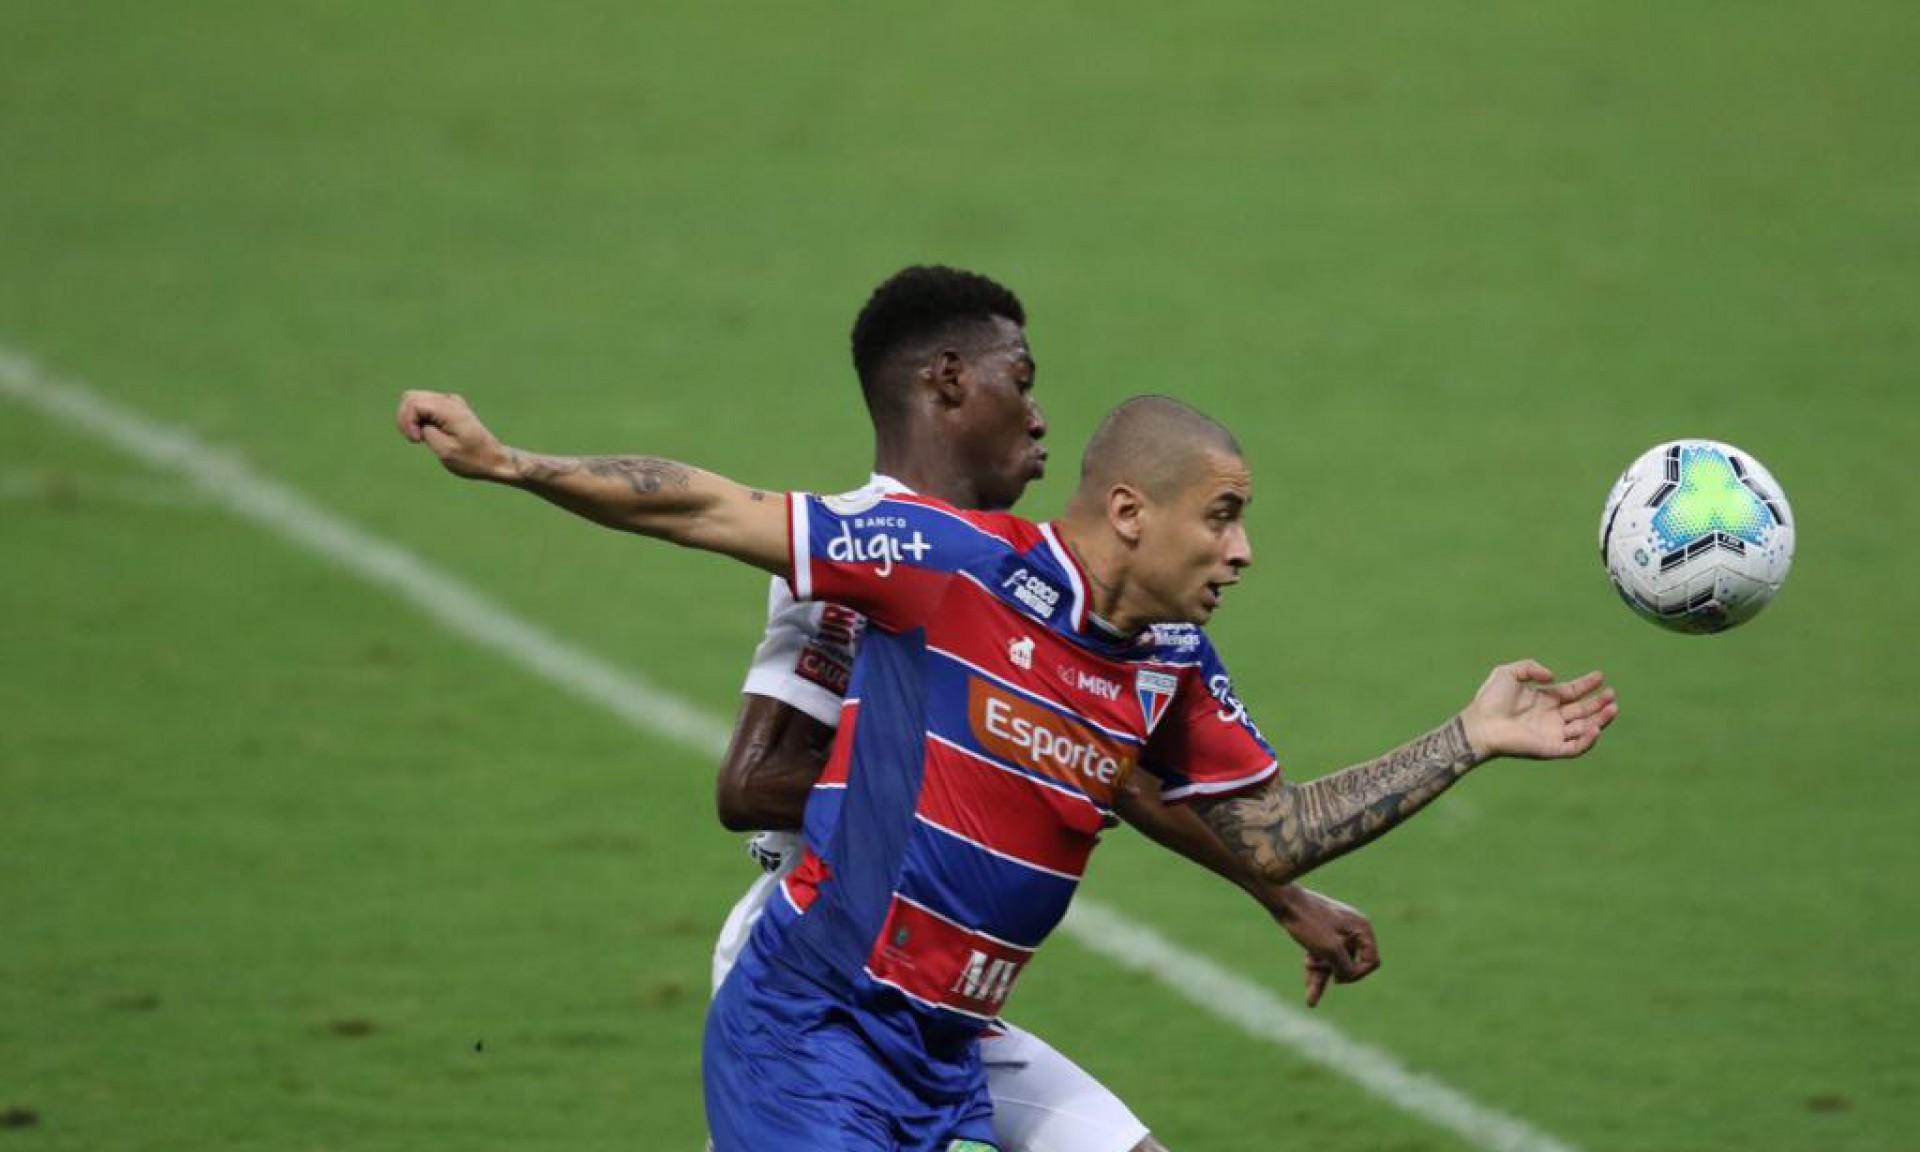 Wellington Paulista disputa bola com Léo, do São Paulo (Foto: Fabio Lima / O POVO)